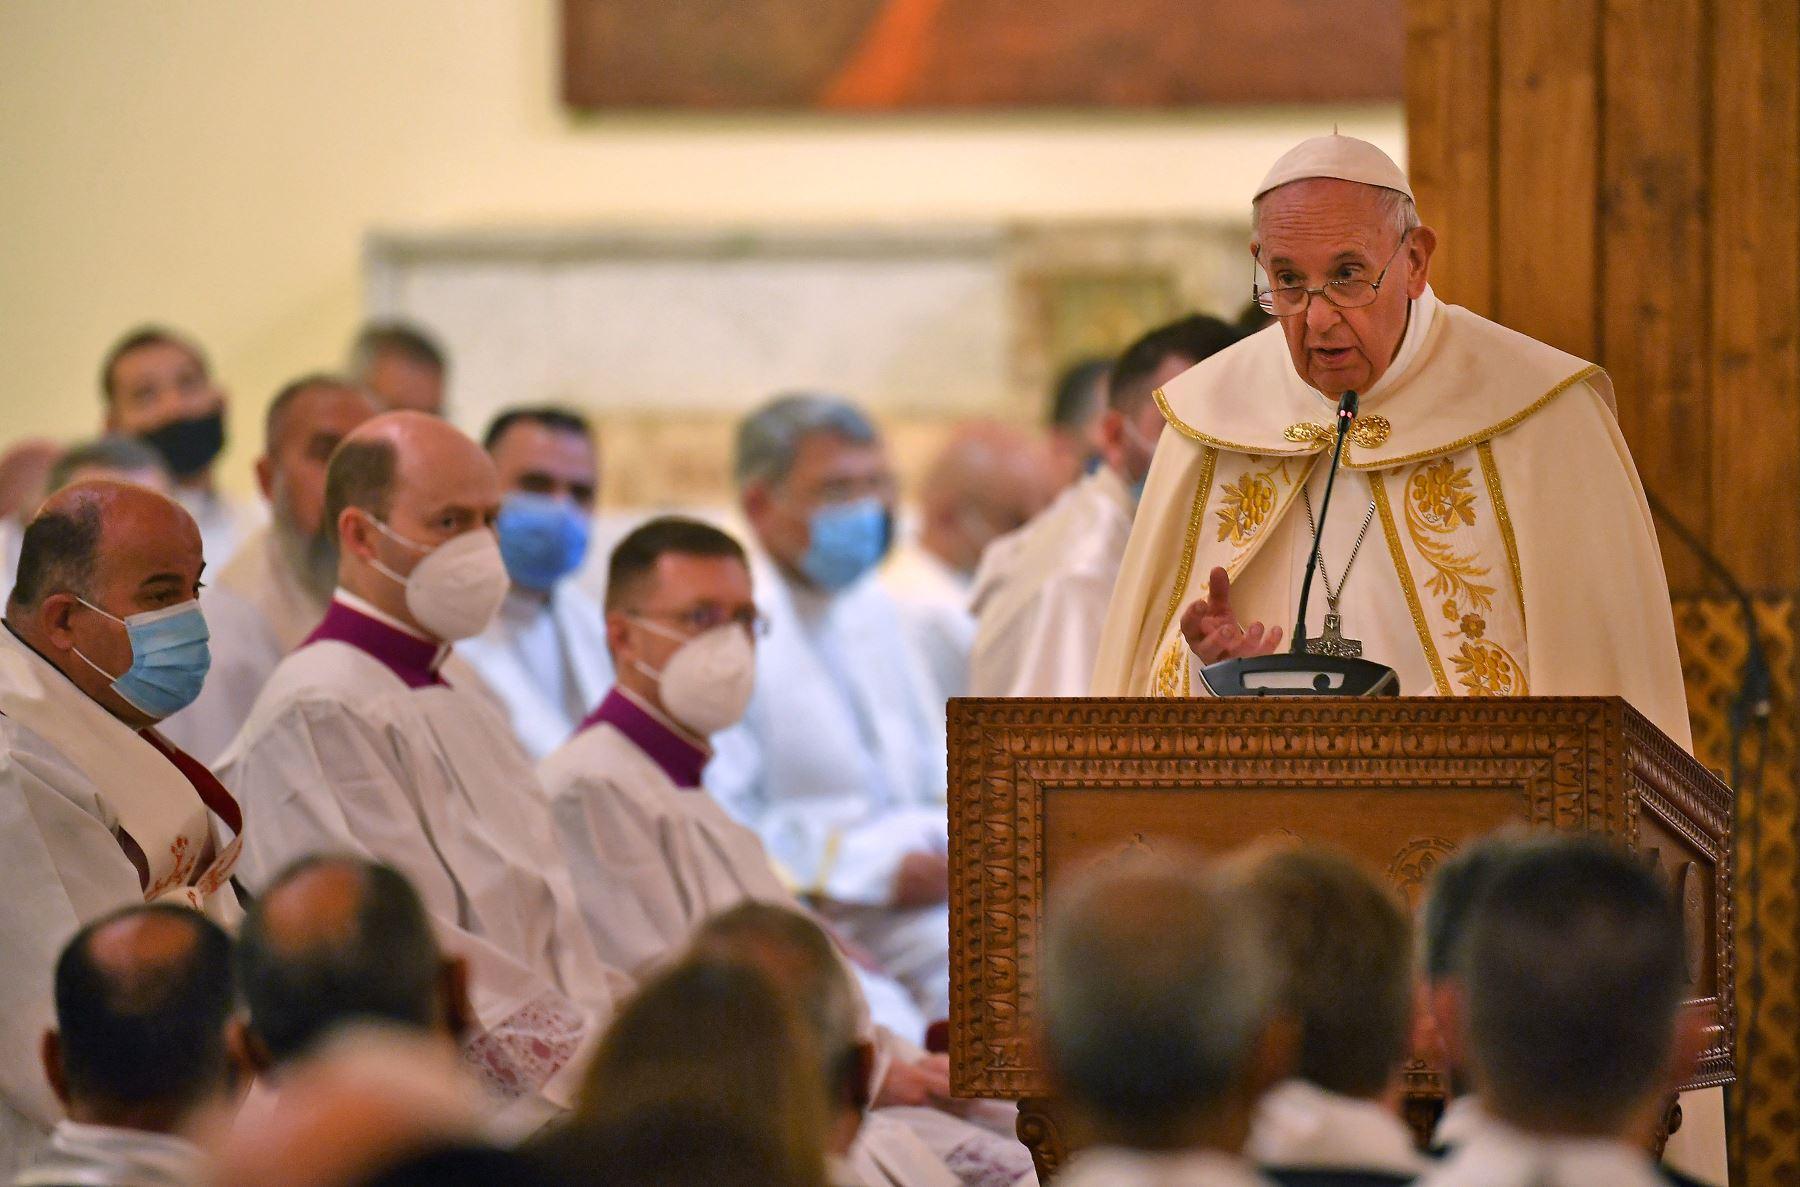 El Papa Francisco da un sermón durante la misa en la Catedral de San José de Bagdad en el segundo día de la primera visita papal a Irak. Foto: AFP